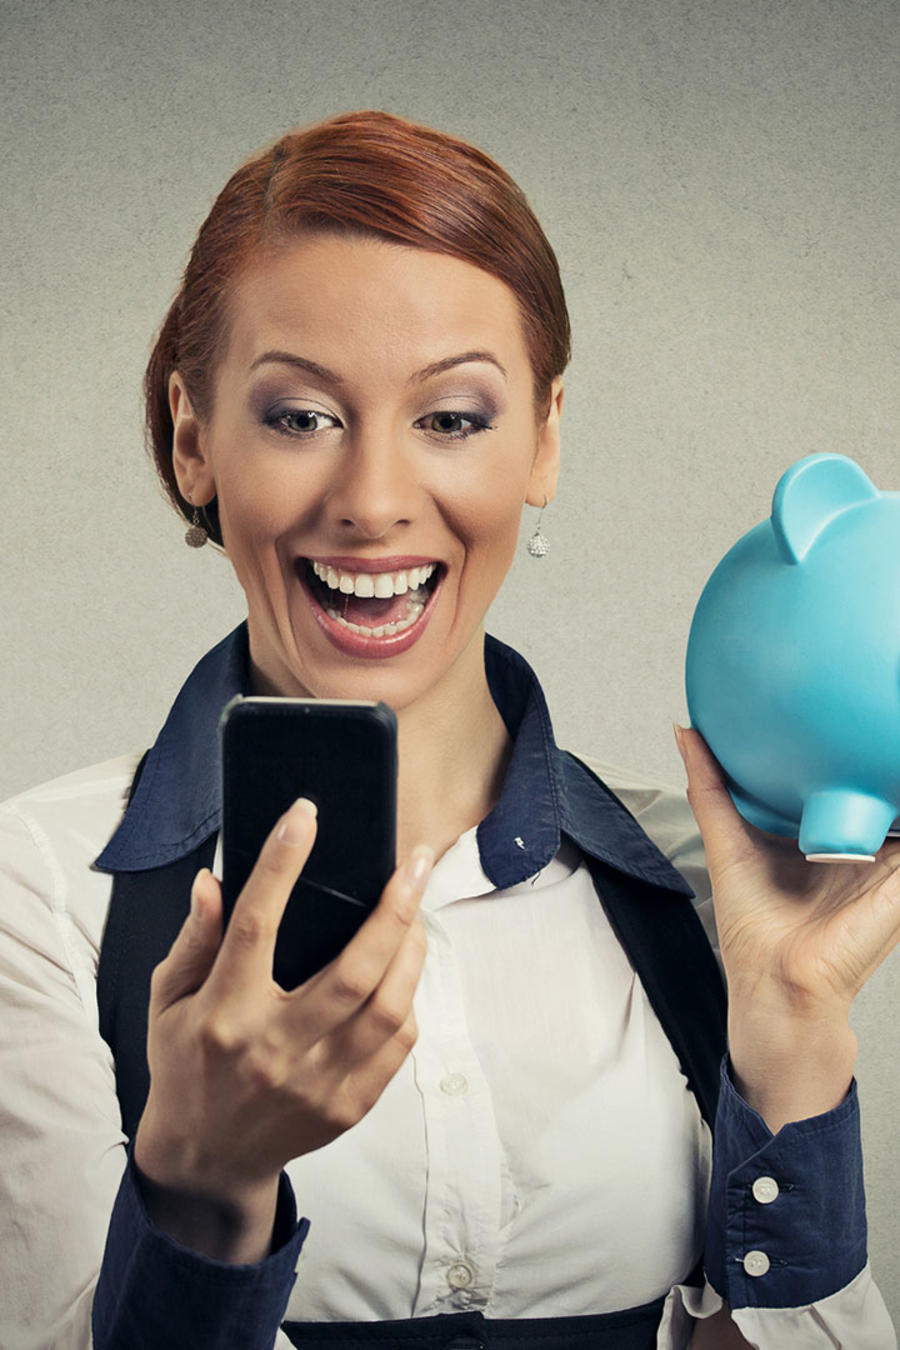 Mujer sostiene celular y alcancía y sonríe